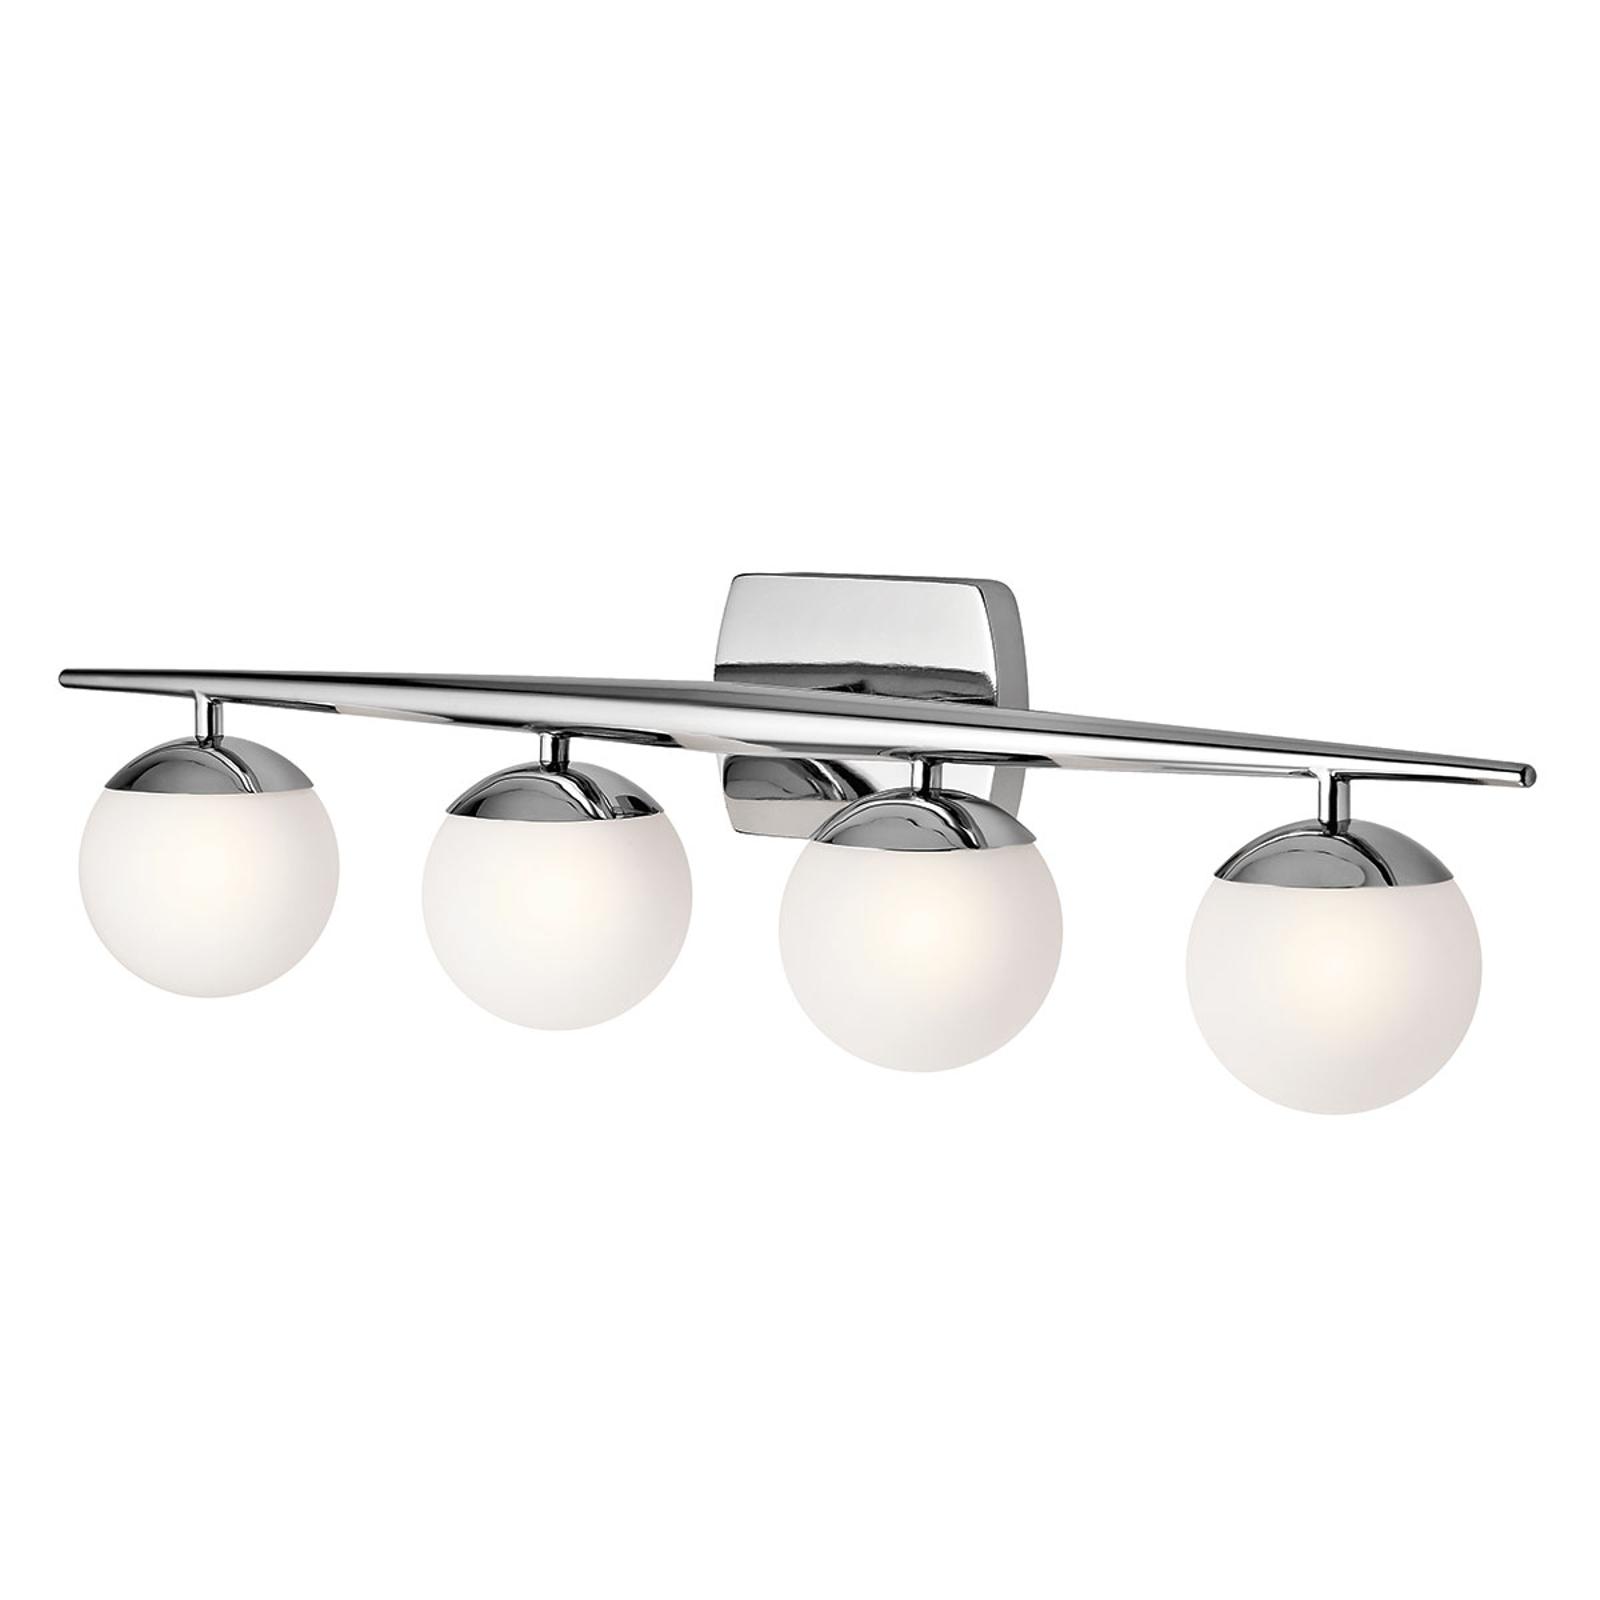 LED badkamer wandlamp Jasper, 4-lamps